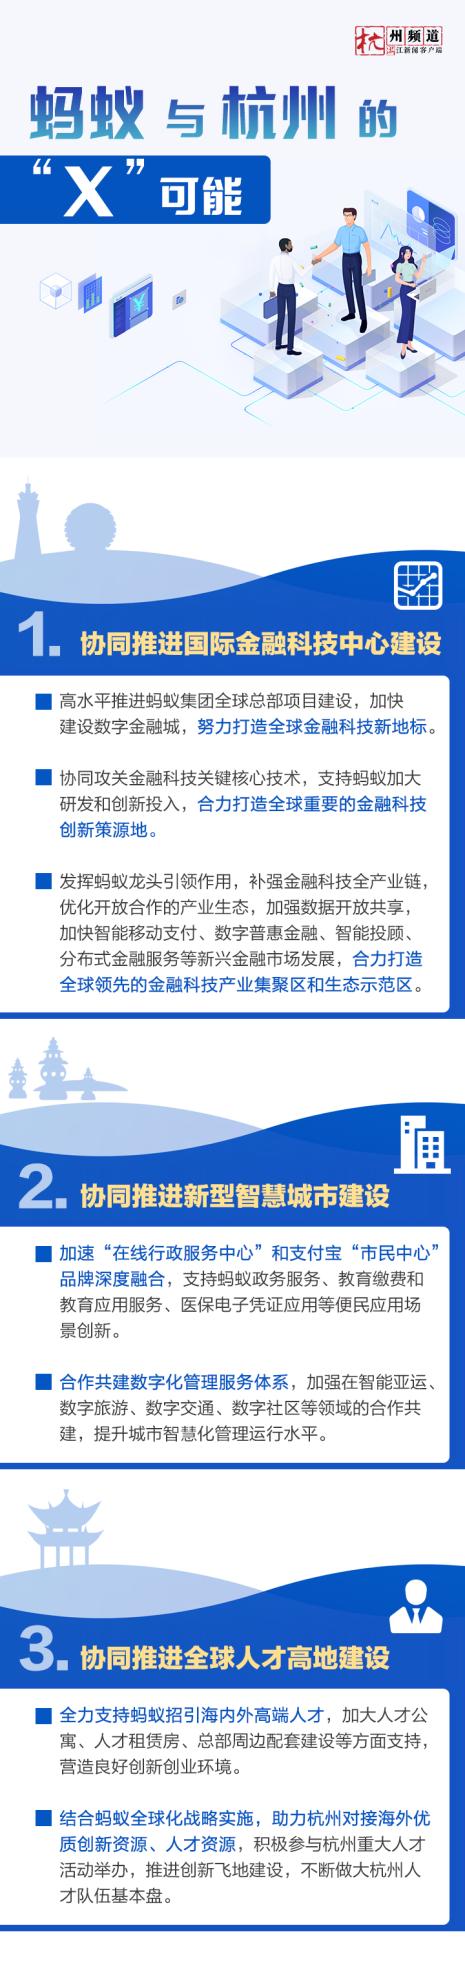 """蚂蚁全球总部留在杭州 井贤栋深情表白""""留下""""的理由"""